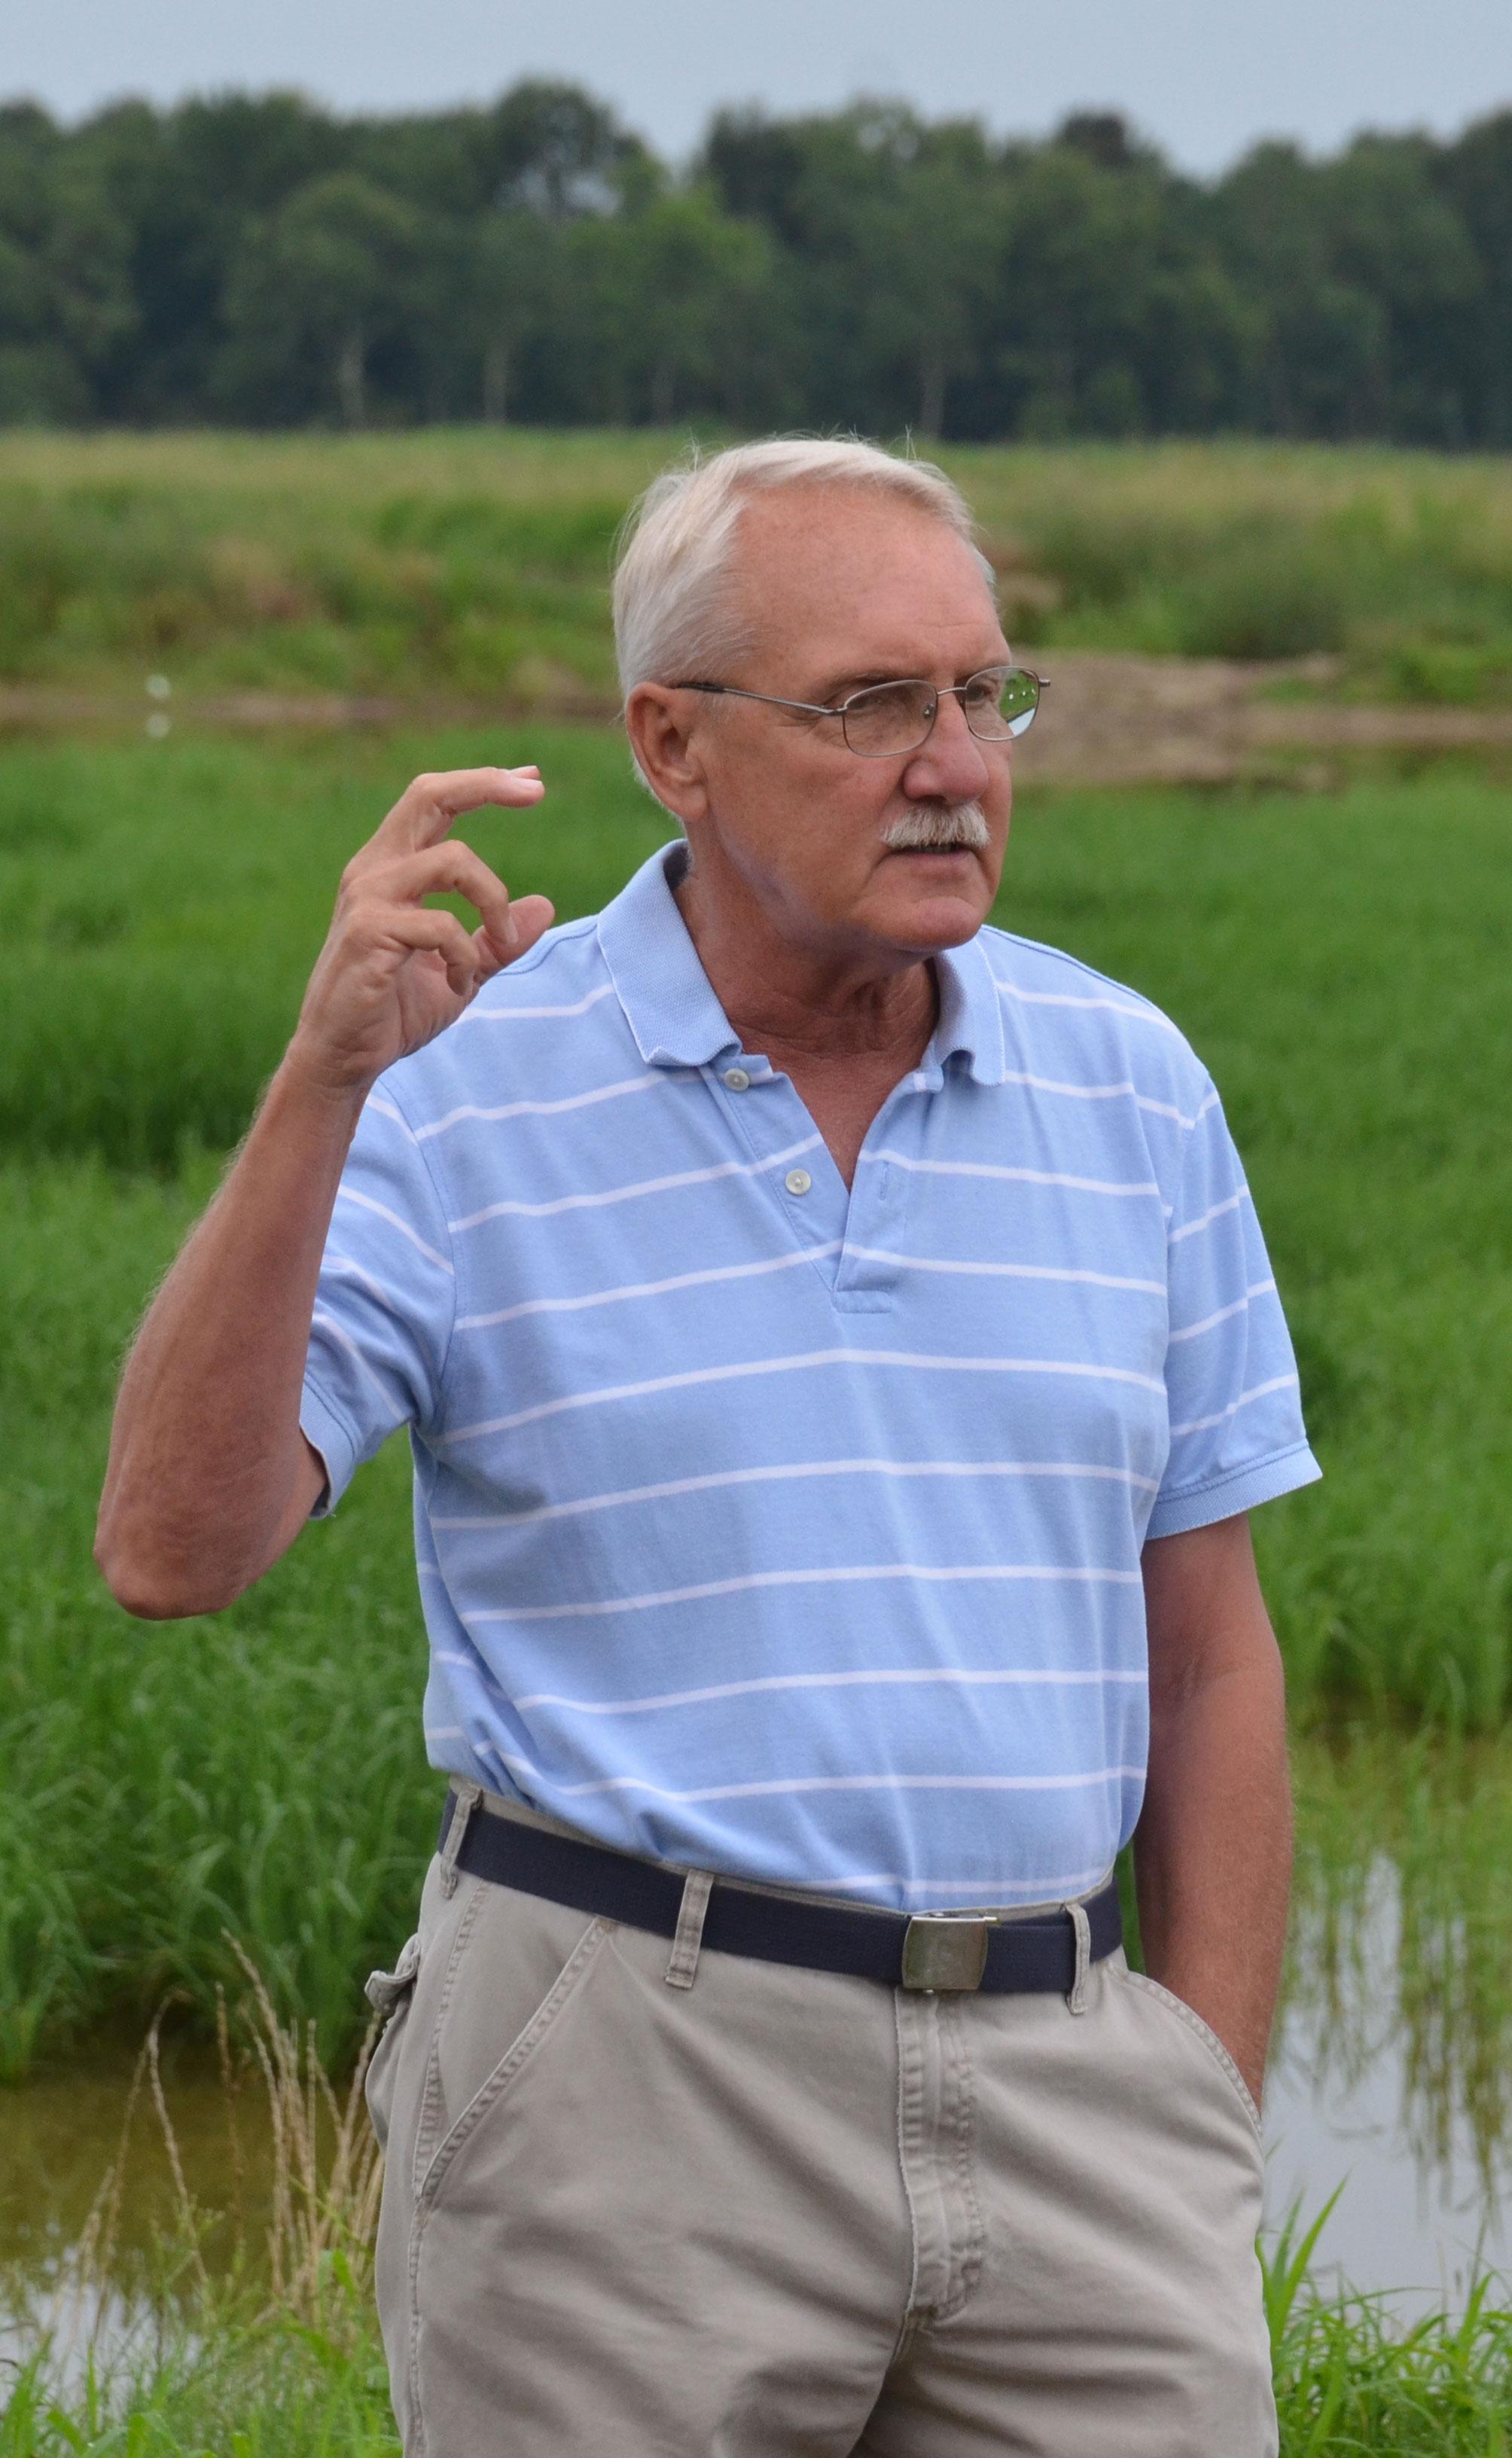 Steve-Linscombe,-LSU-image, Steve in rice field talking & gesturing